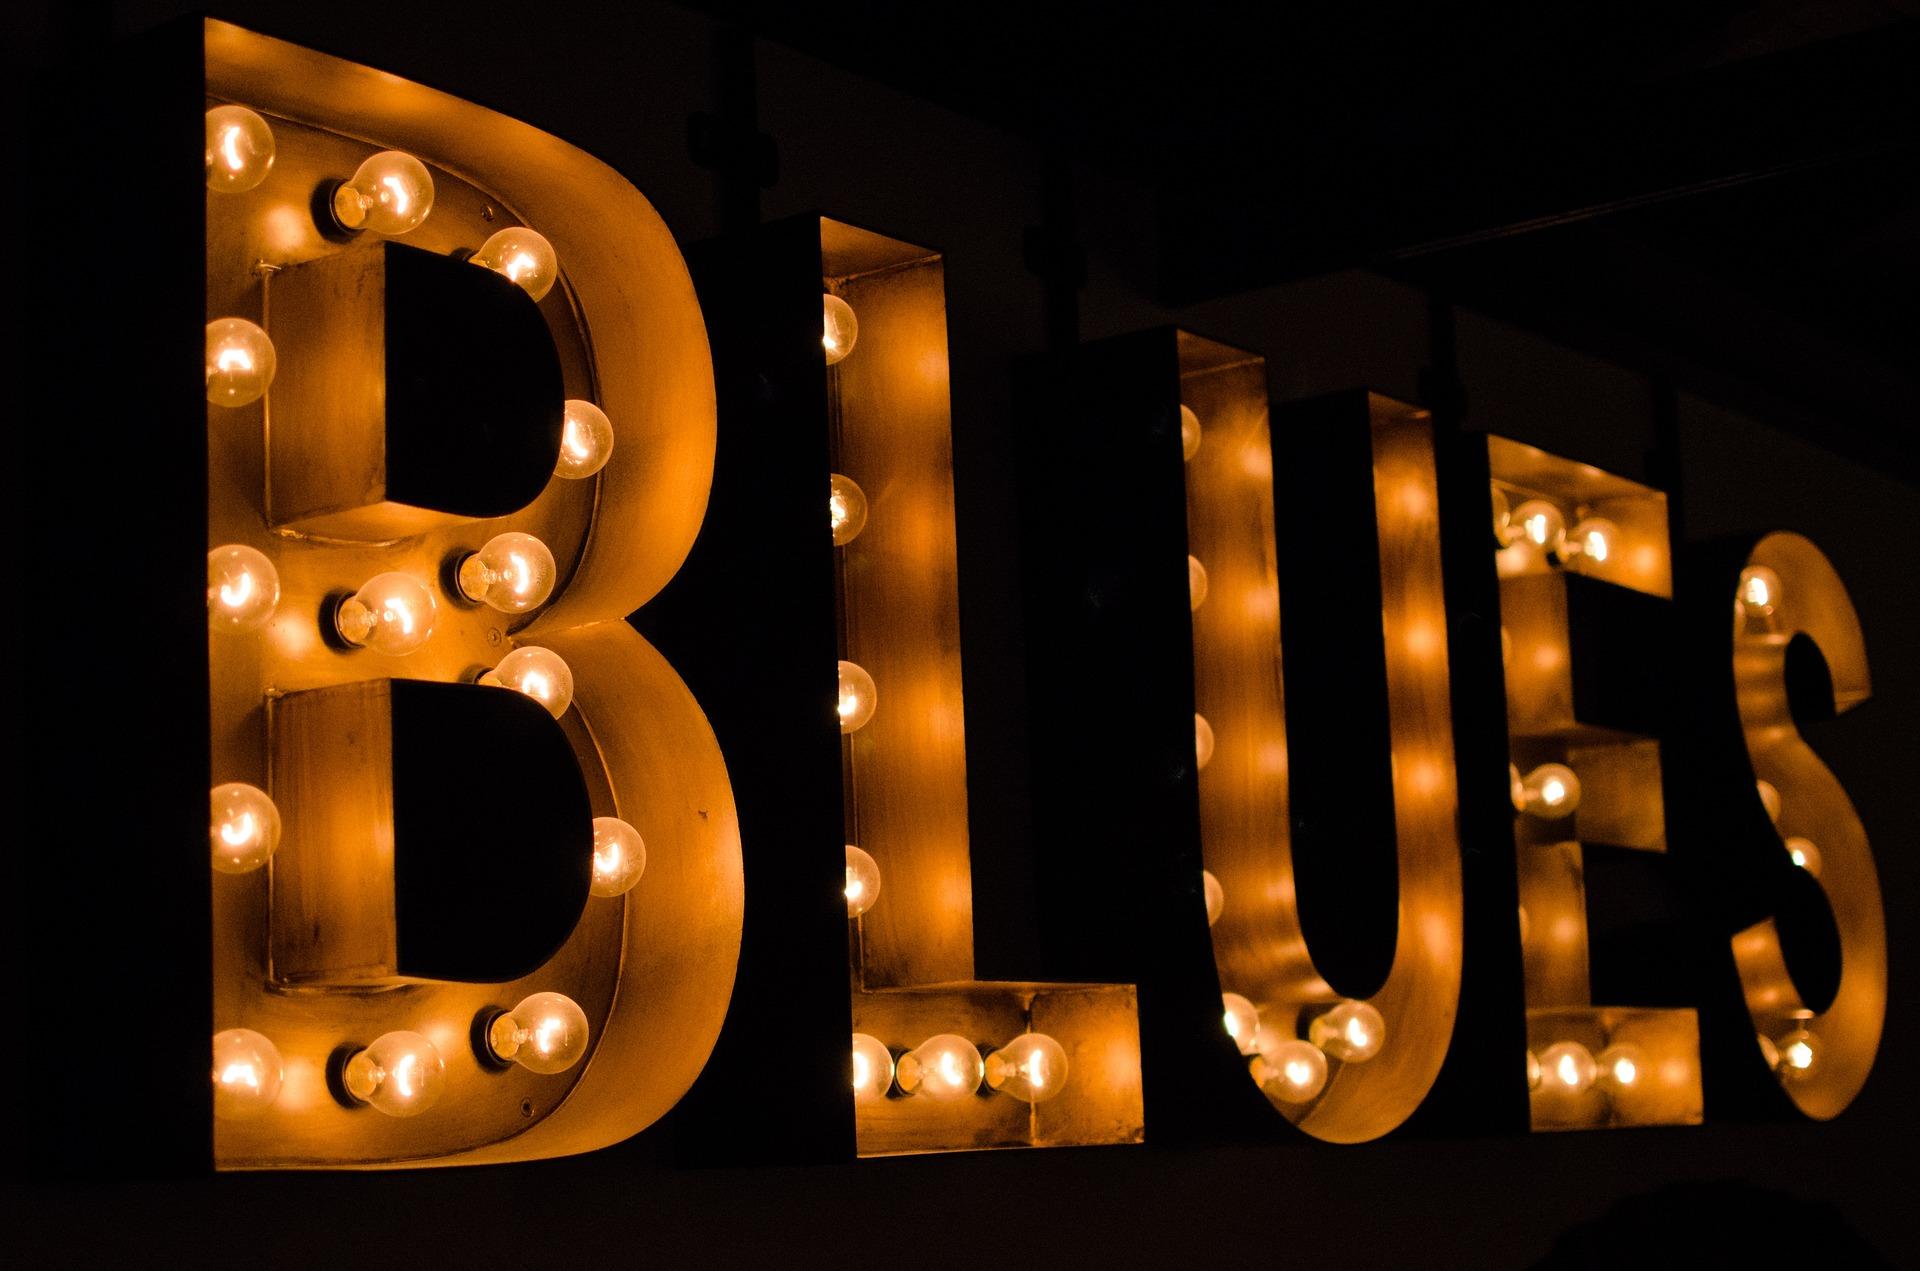 Beleuchtung im Eingangsbereich: 10 Vorschläge für einen einladenden Eindruck